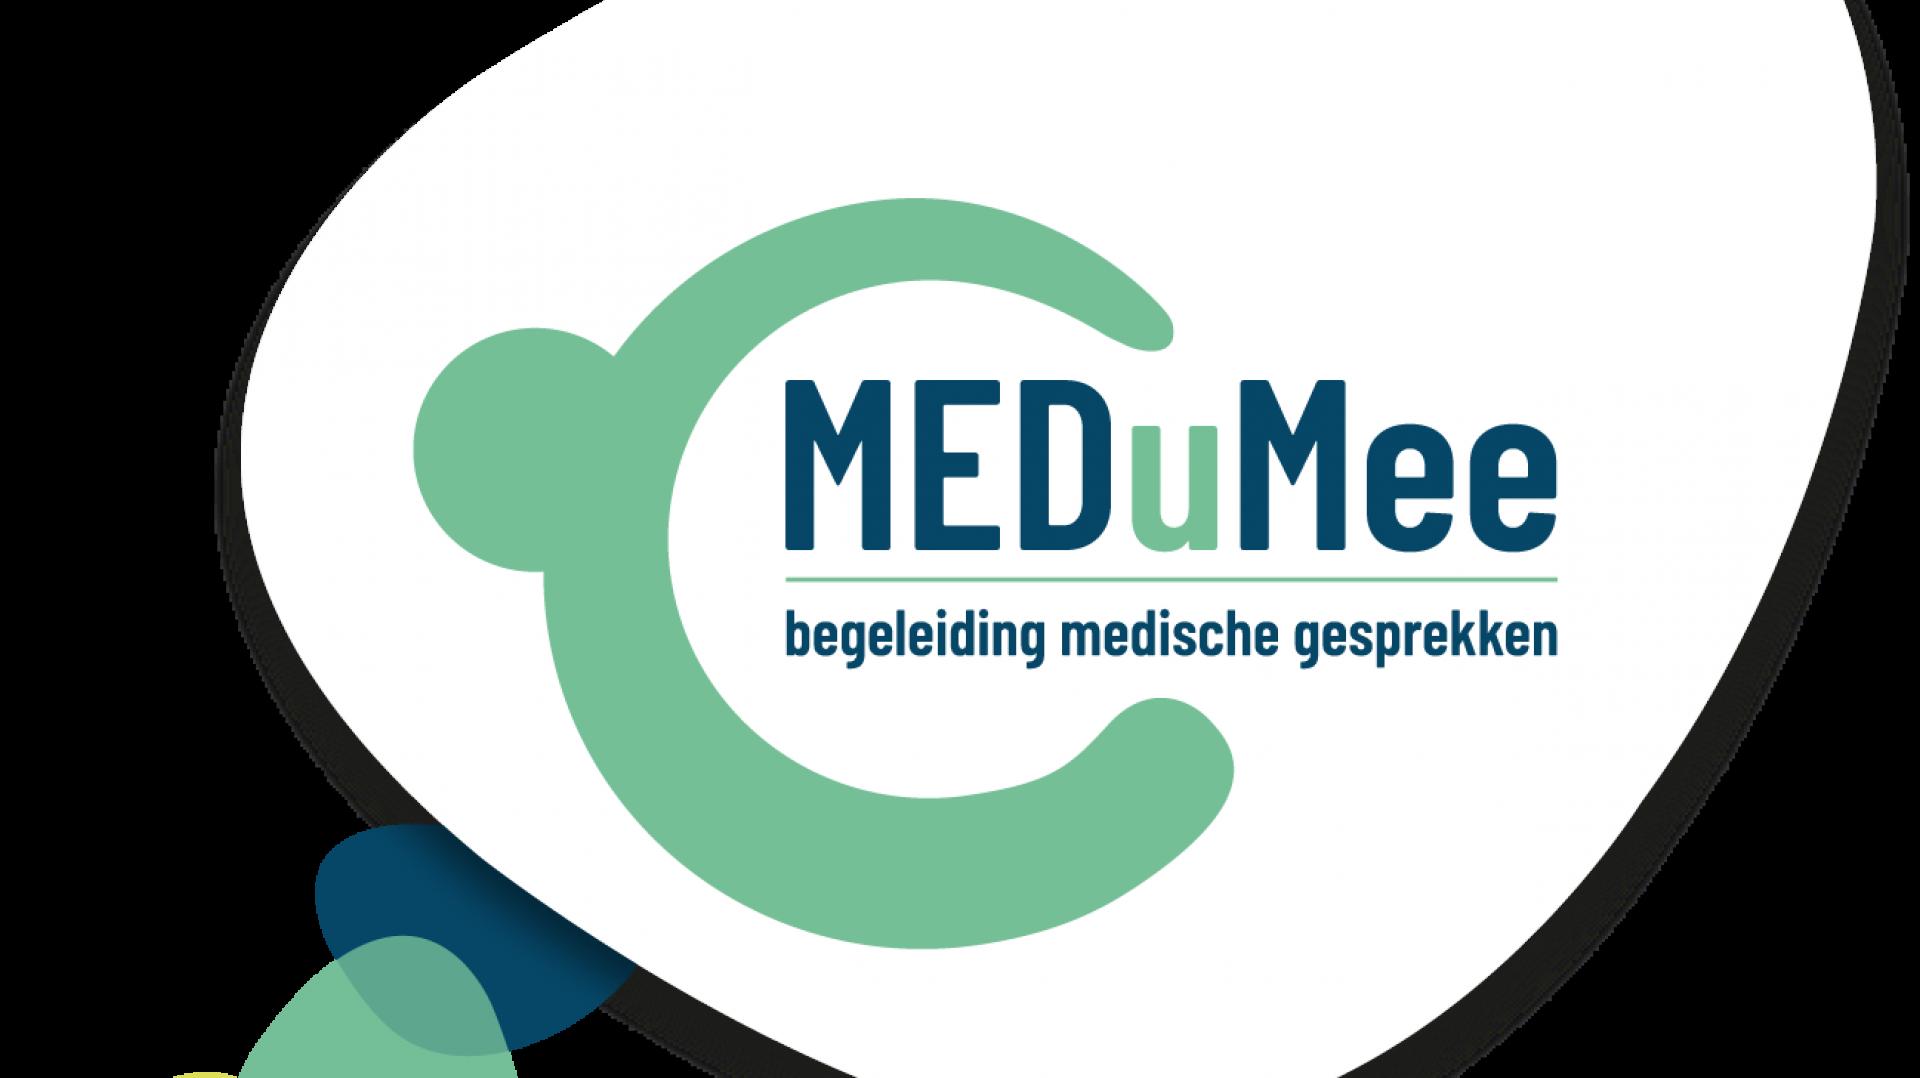 MeduMee